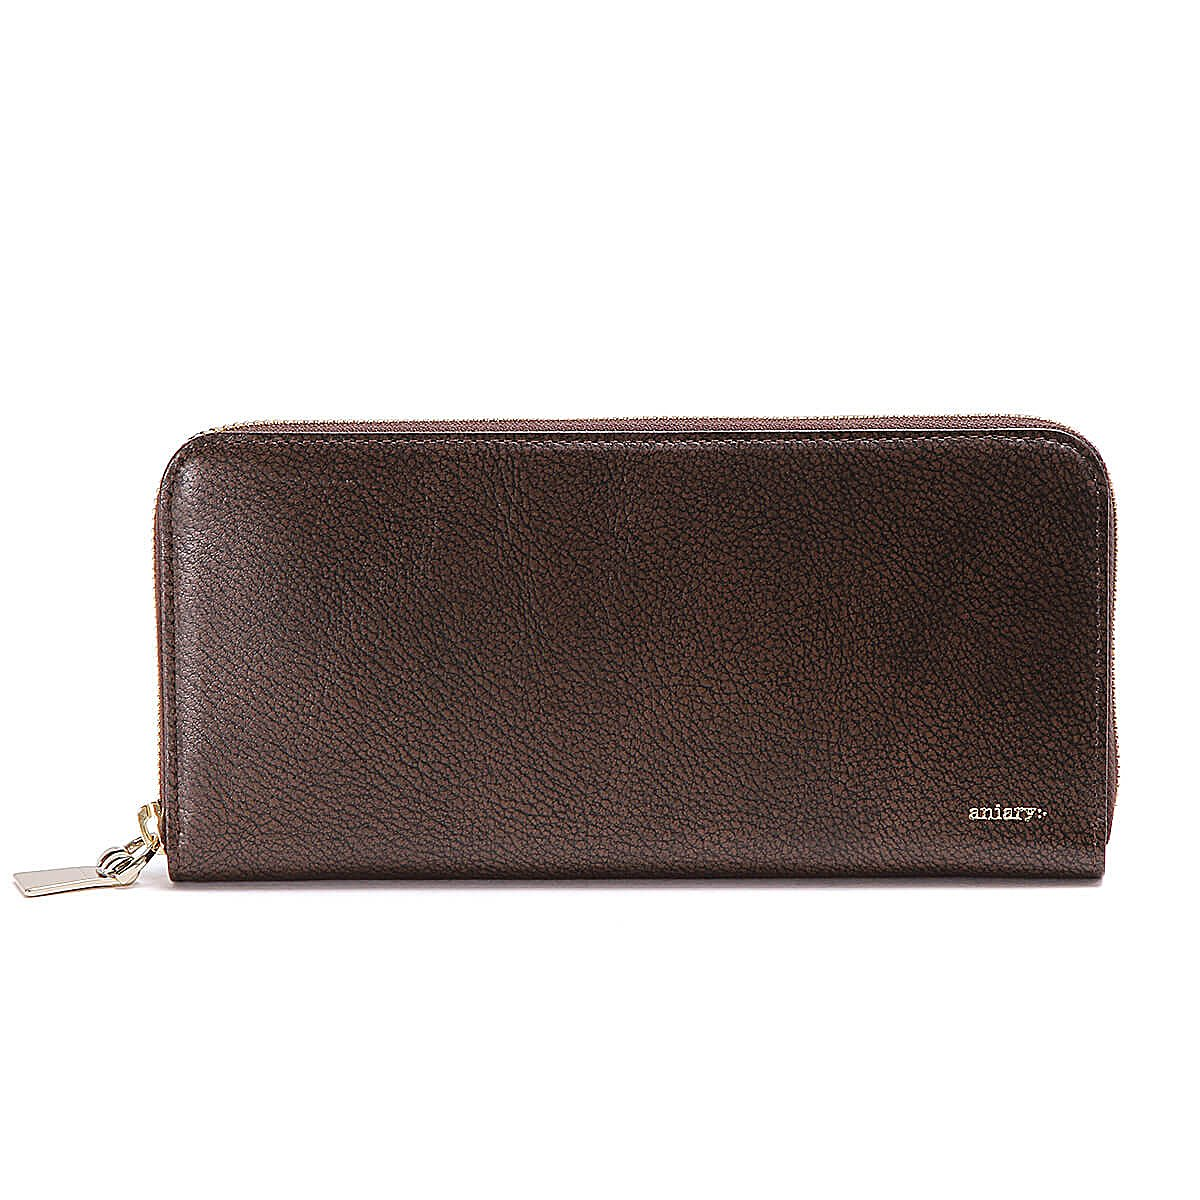 アニアリ 長財布 ラウンドL Zip Bill Holder Grind Leather 15-20003 B07DT4Z5MQ ブラウン ブラウン